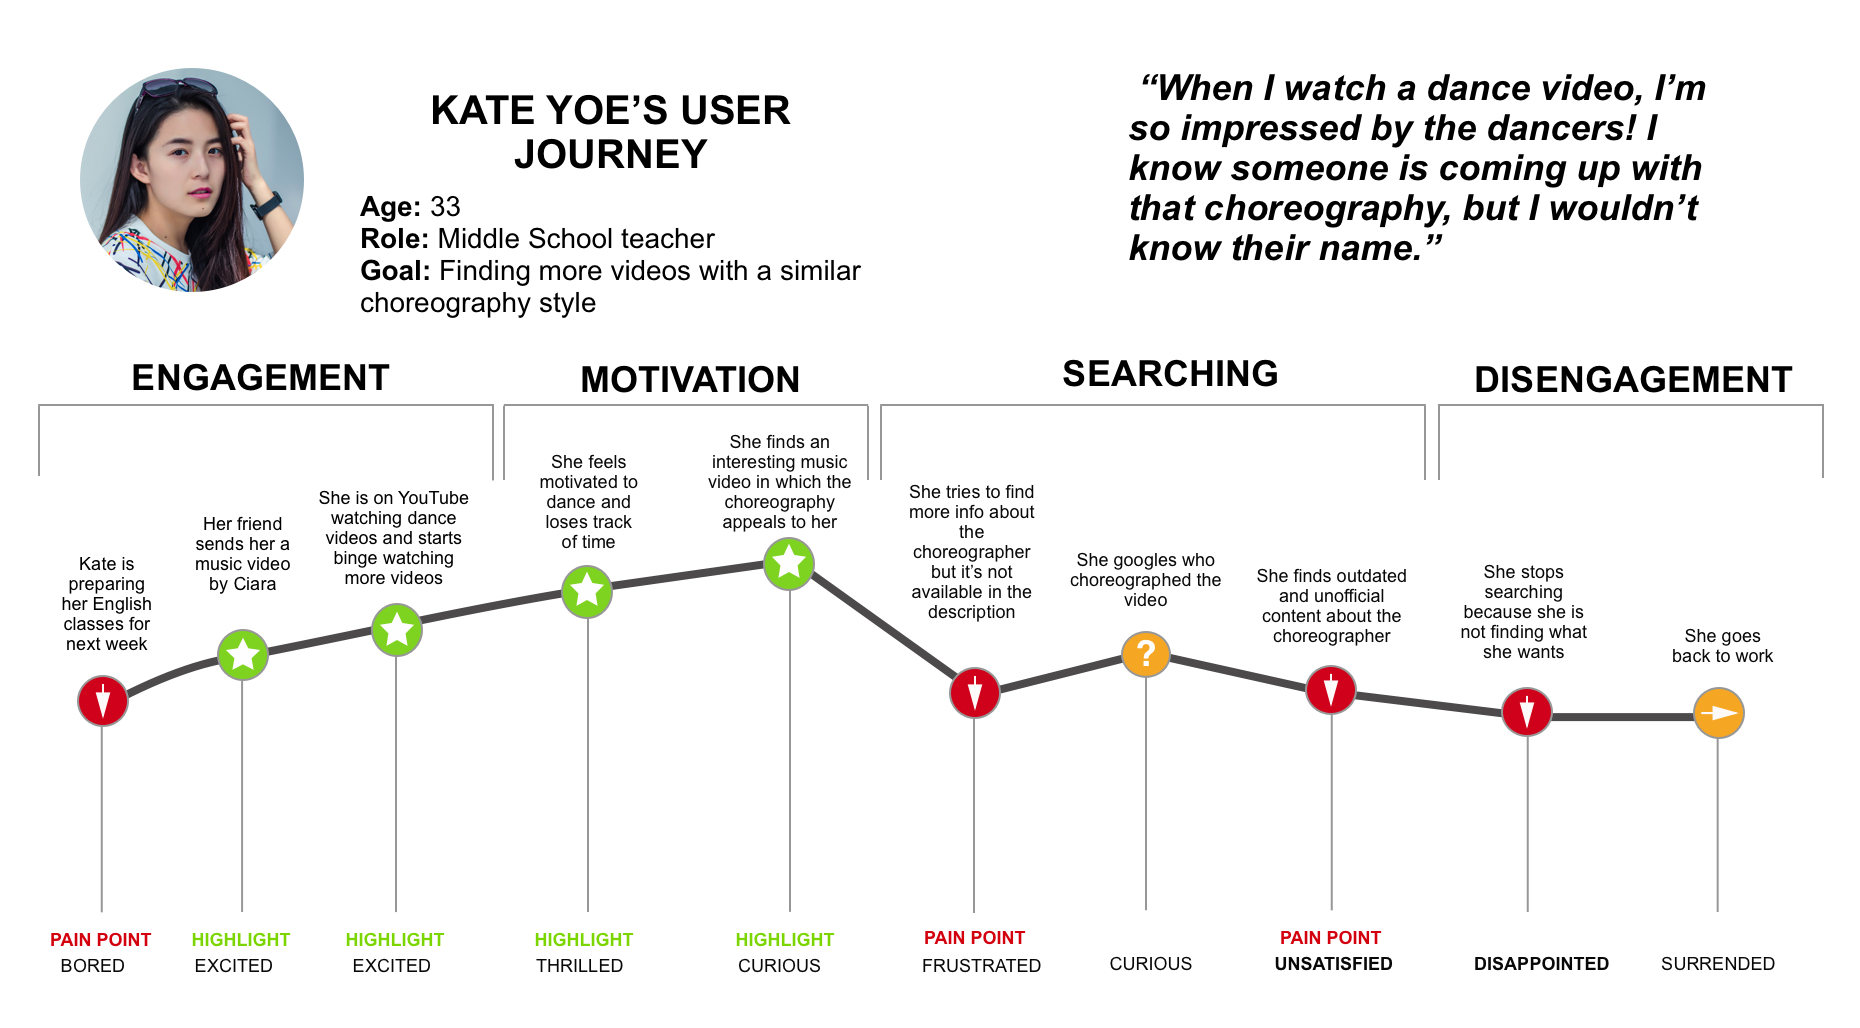 User Journey - Kate.jpg